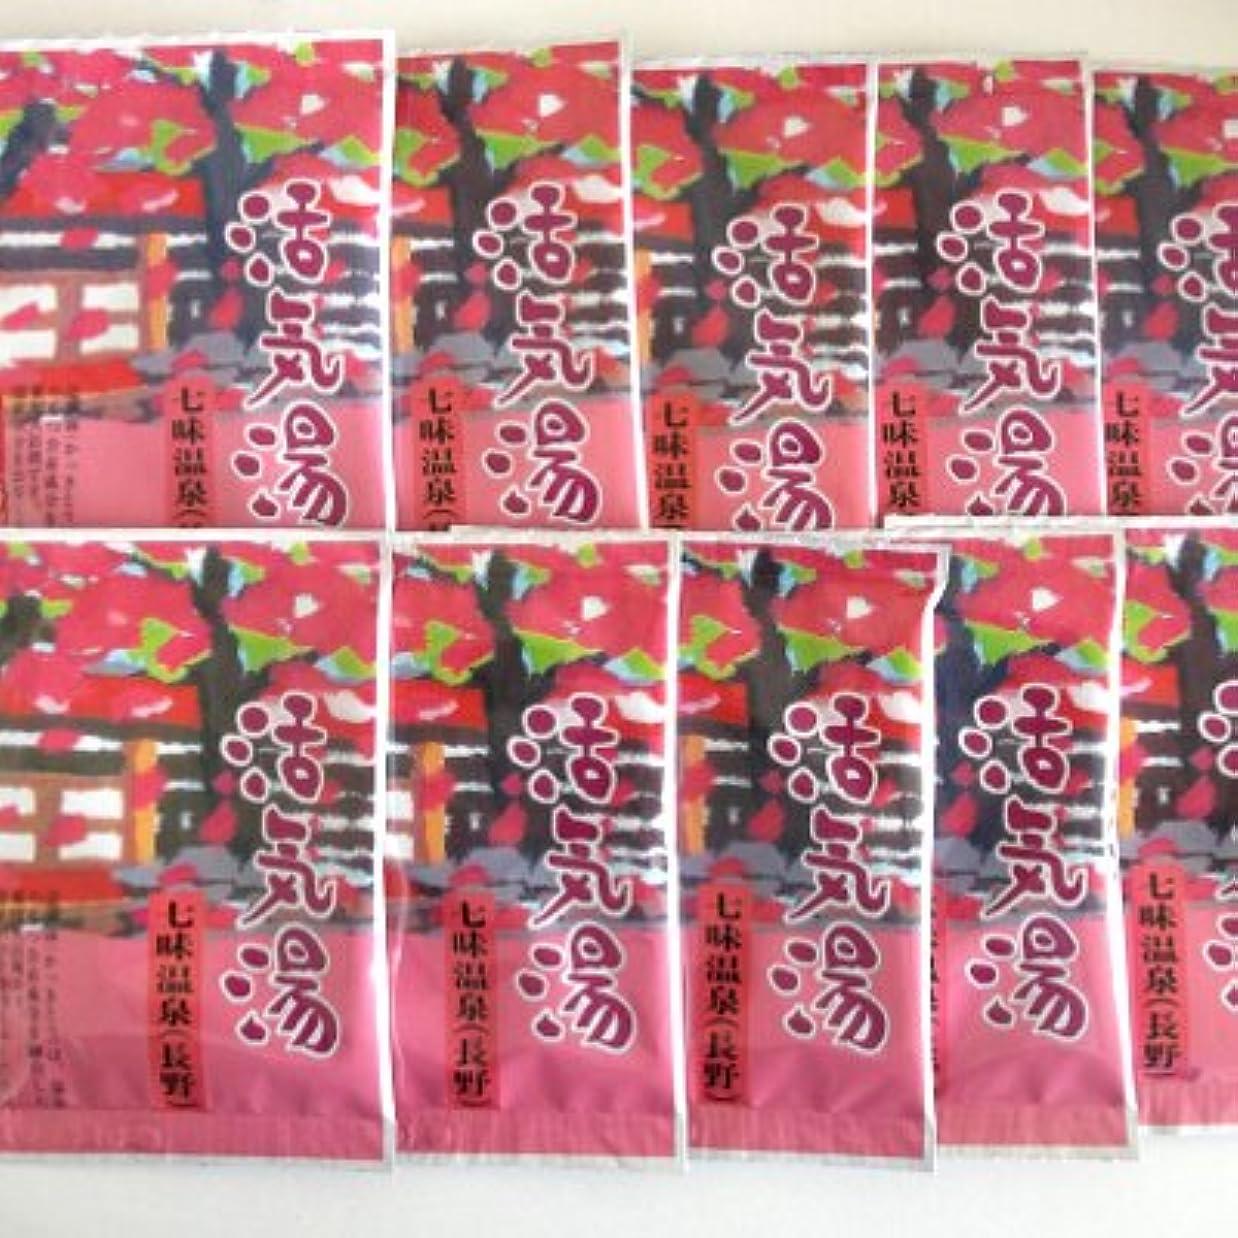 カフェ終了しましたシャツ活気湯 七味温泉(セージ) 10包セット